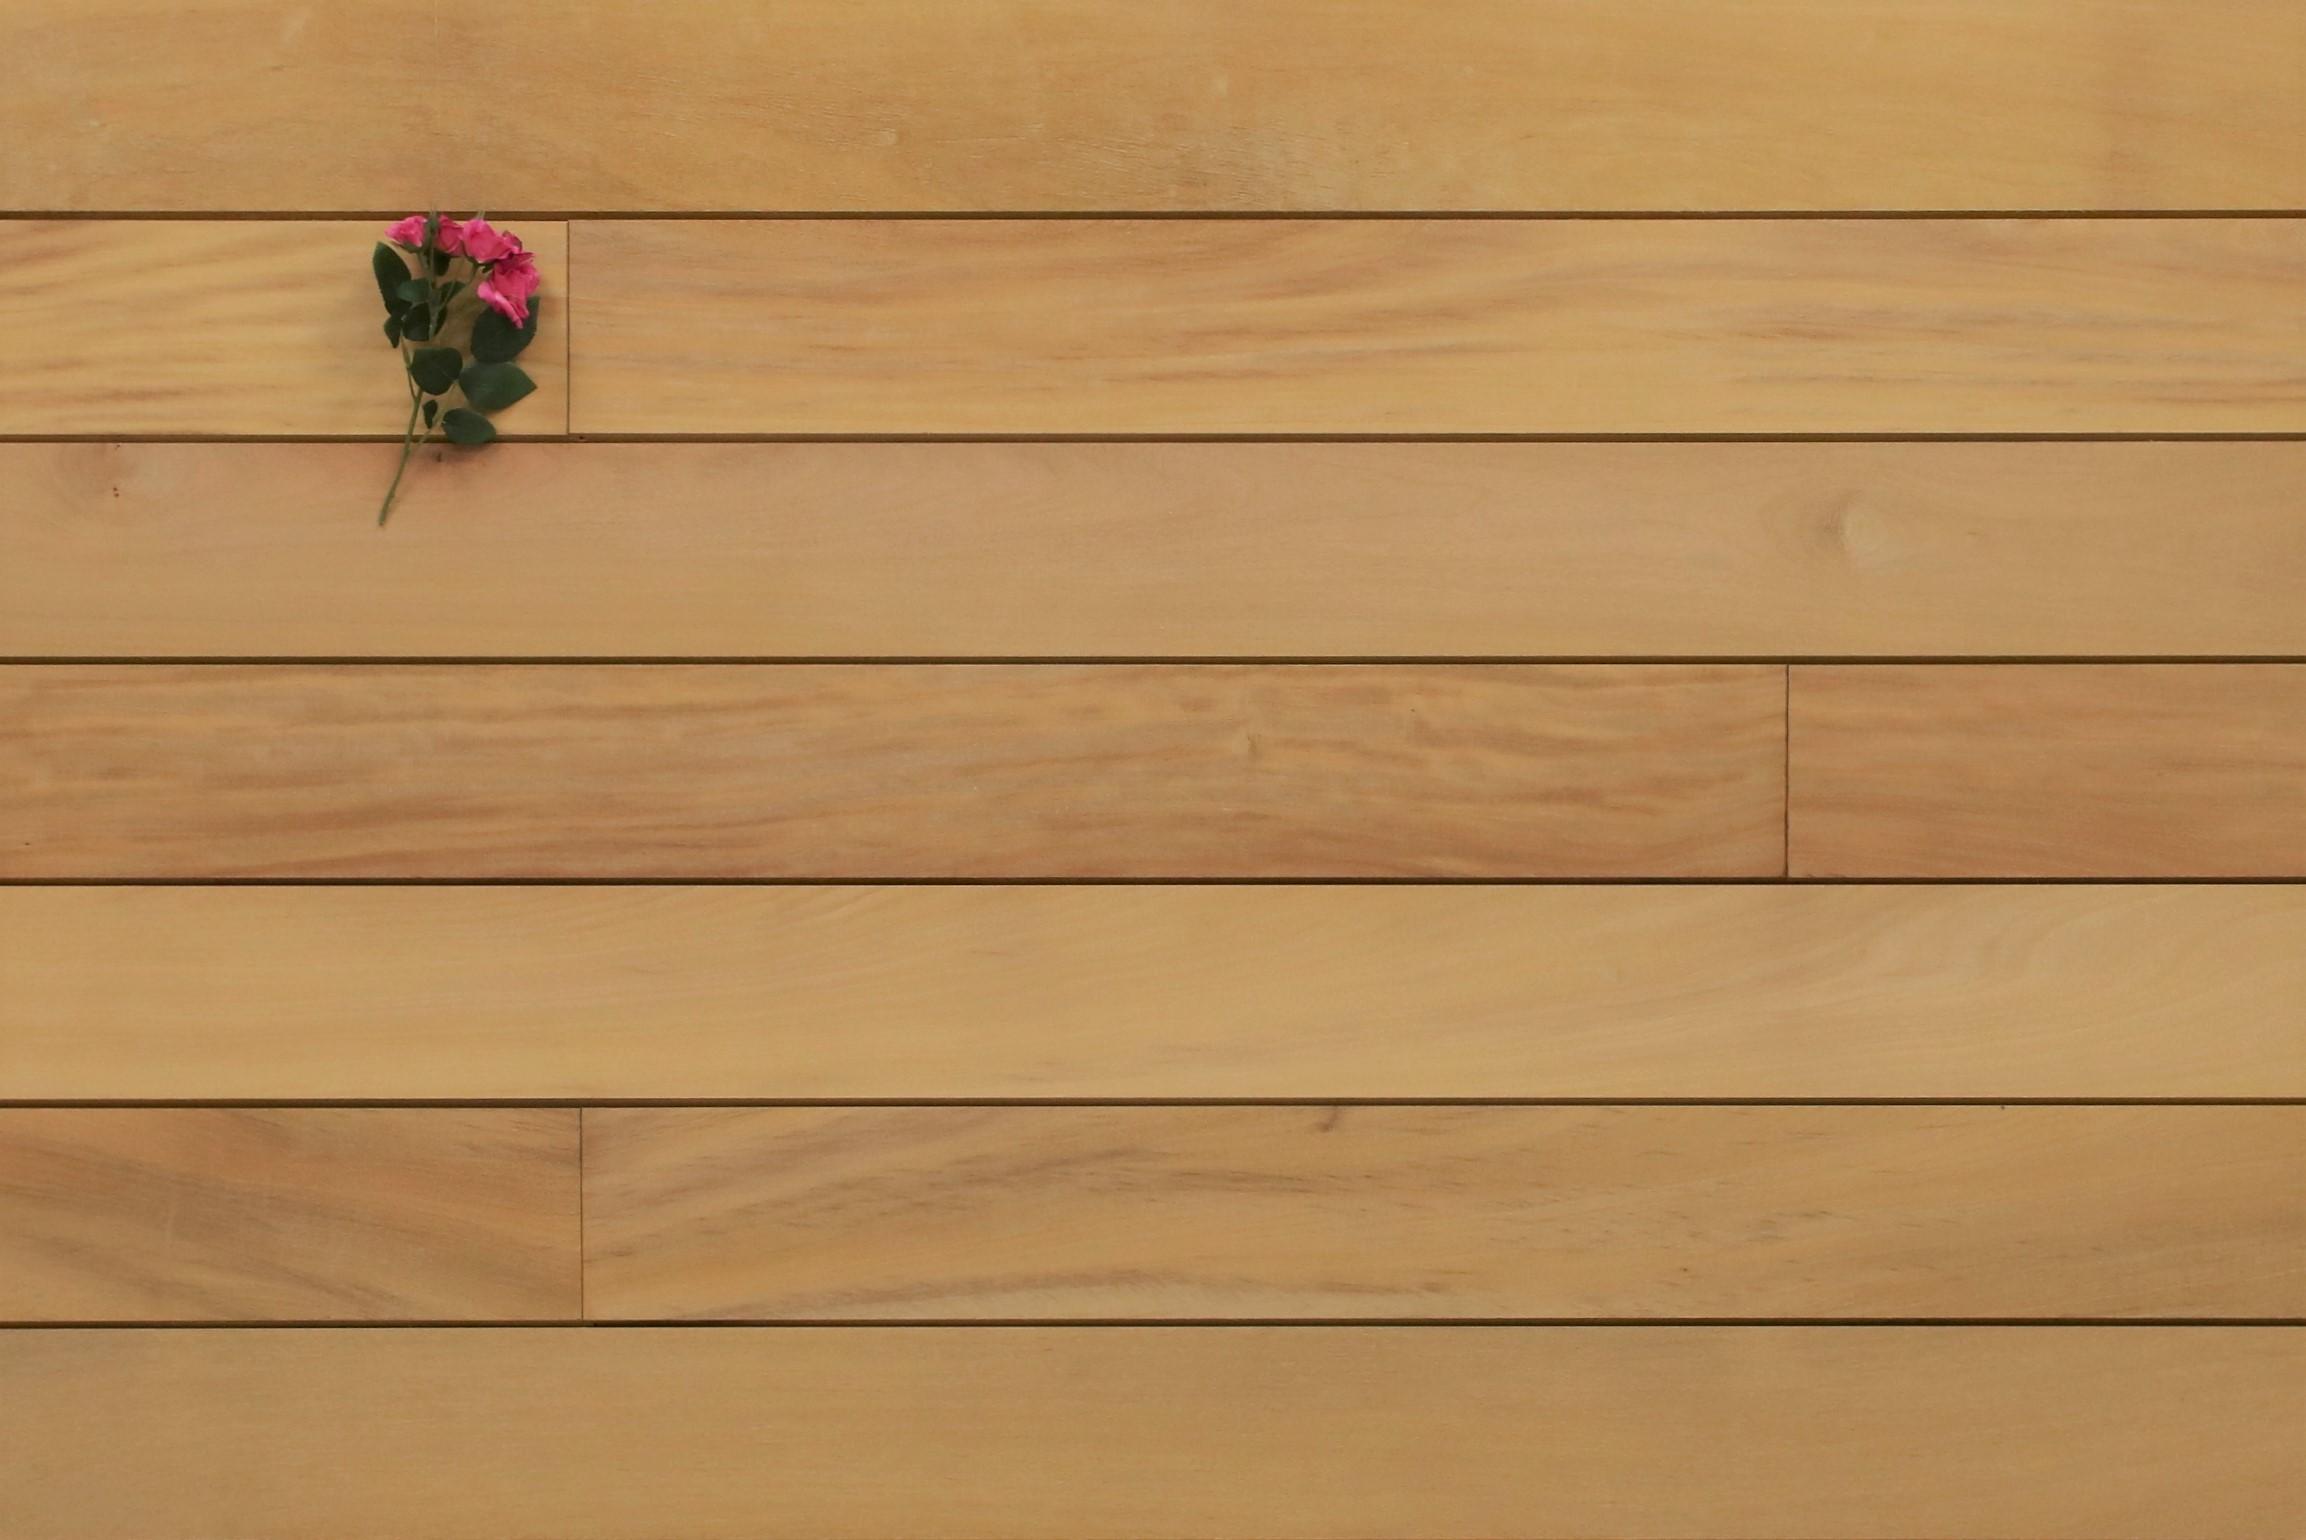 Garapa Holz Dielen für die Terrasse, 8,90 €/lfm, Premium (KD) glatt, mit Wechselfalz und stirnseitig Nut / Feder Verbindung, 21 x 125 bis 2750 mm,  Terrassendielen Bretter